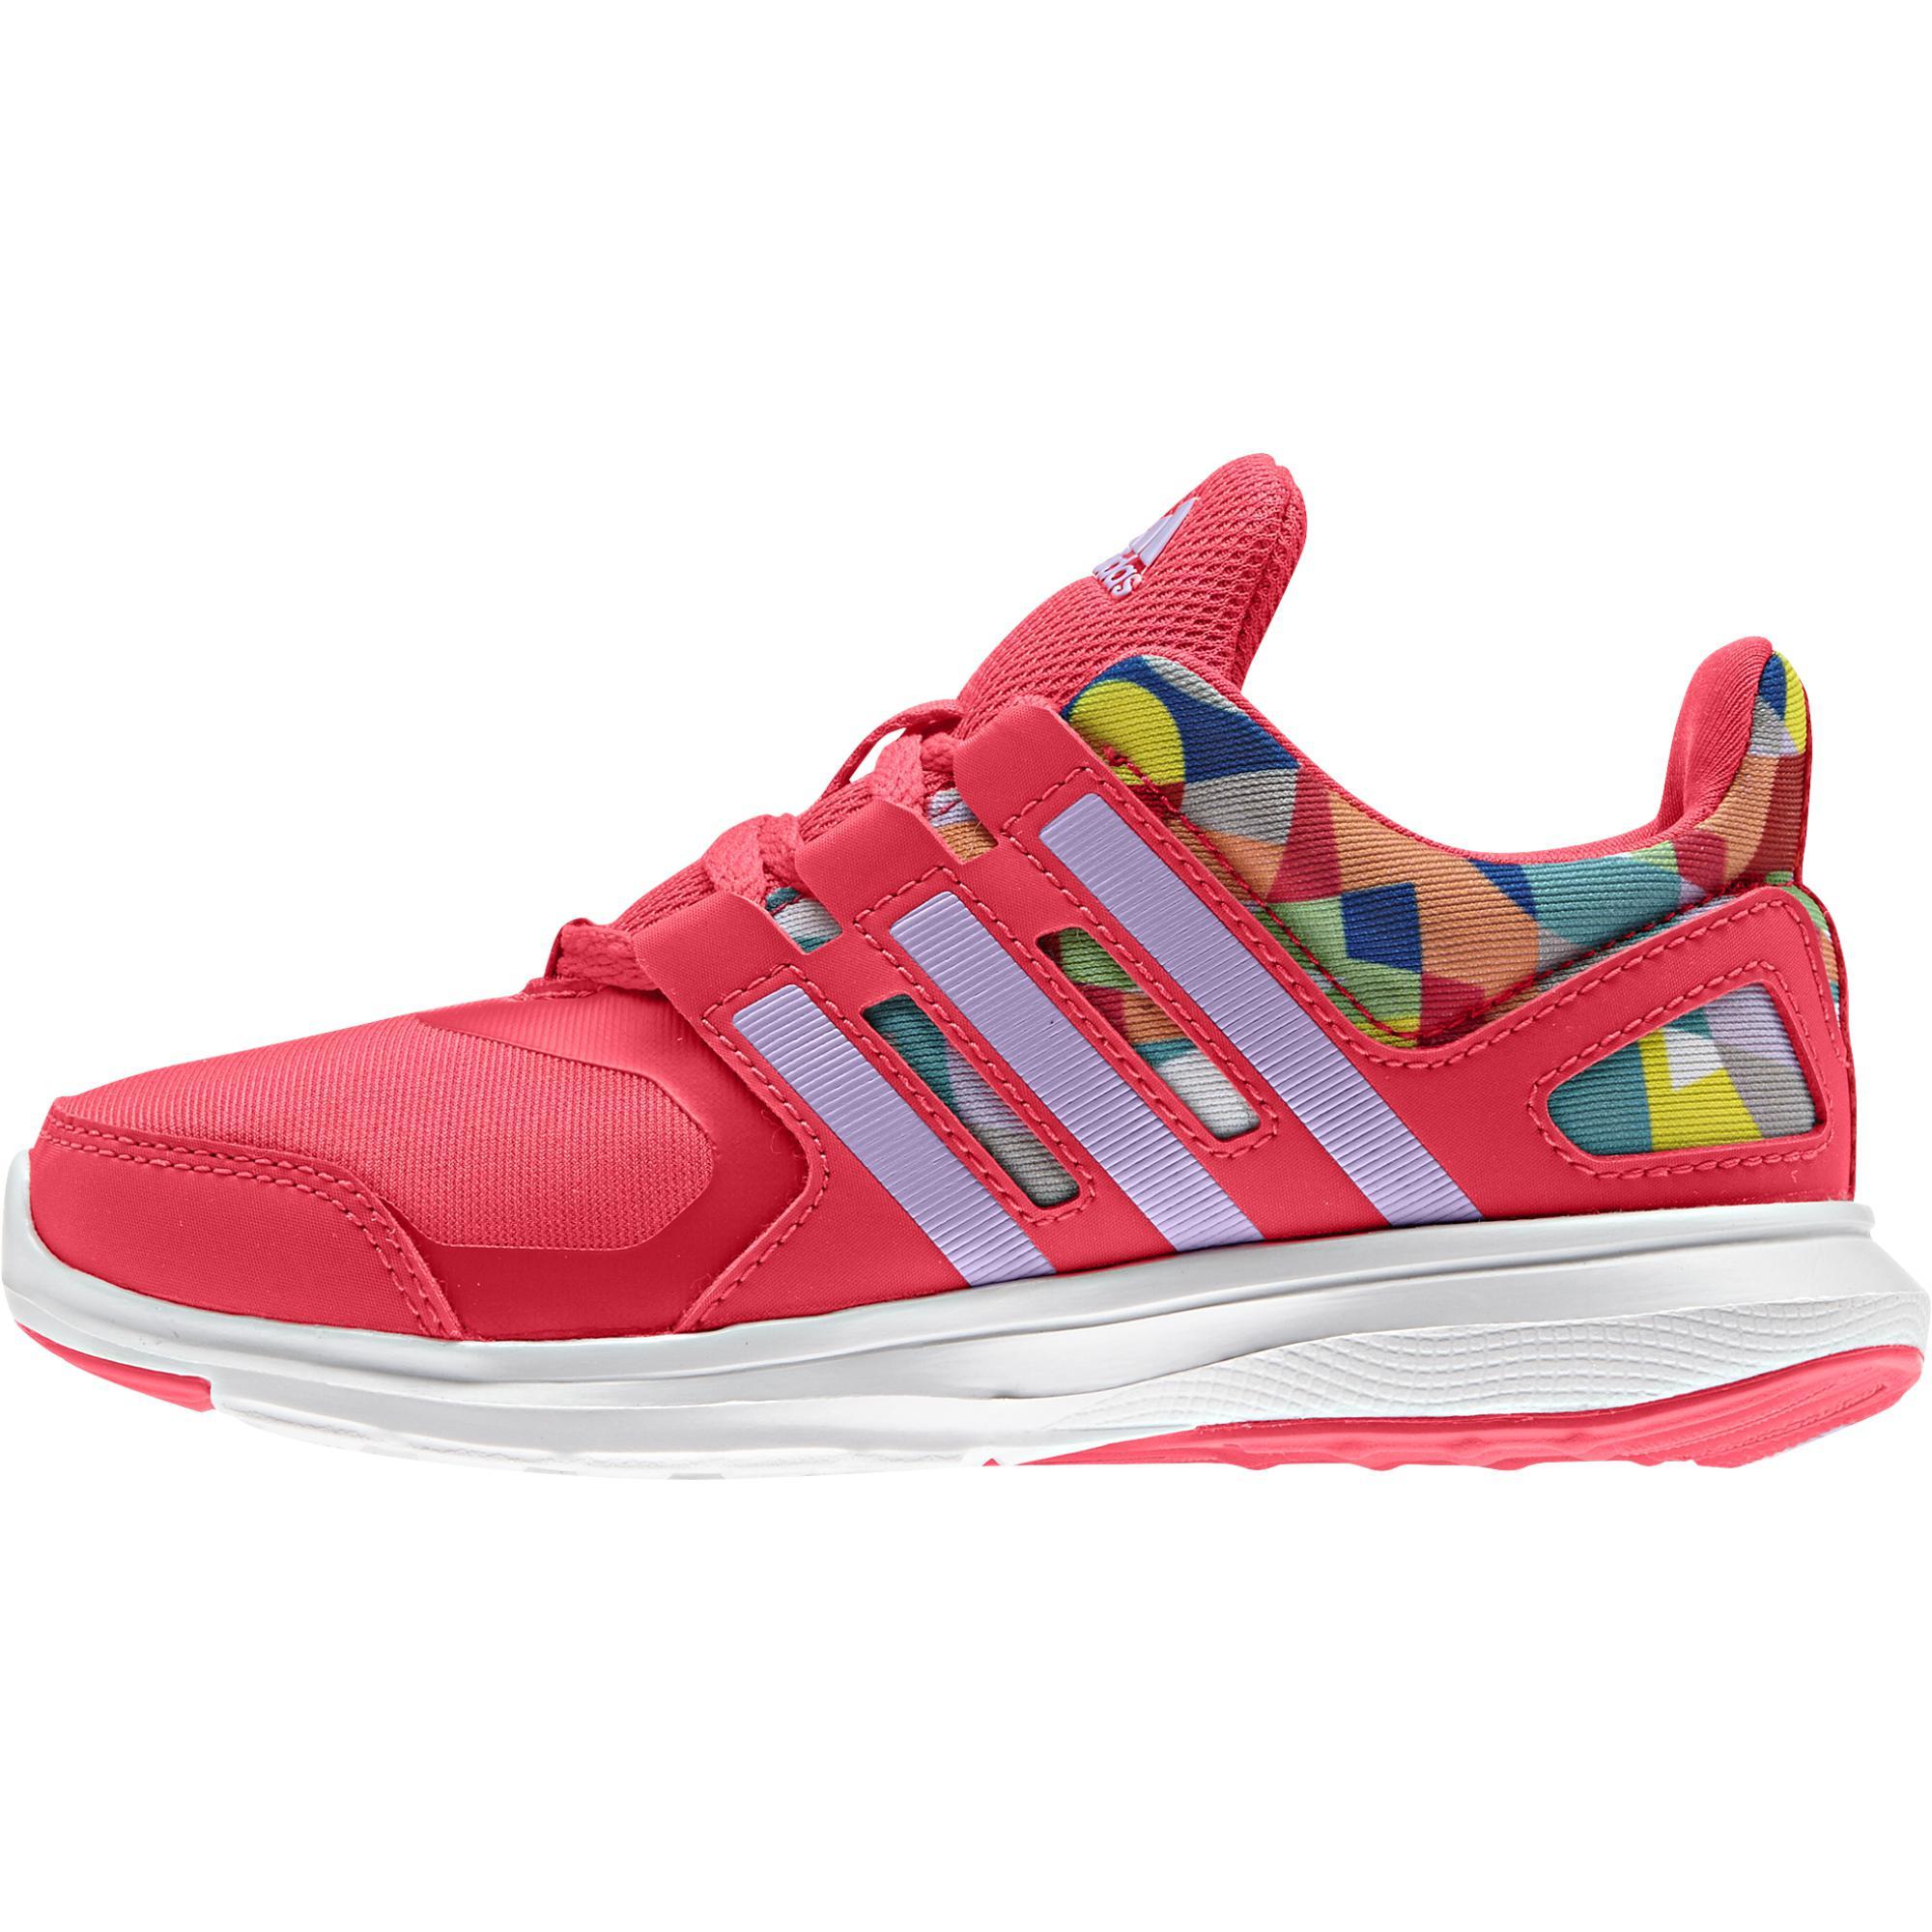 Adidas Dievčenské bežecké tenisky Hyperfast - ružové 4f8bf9a6cff